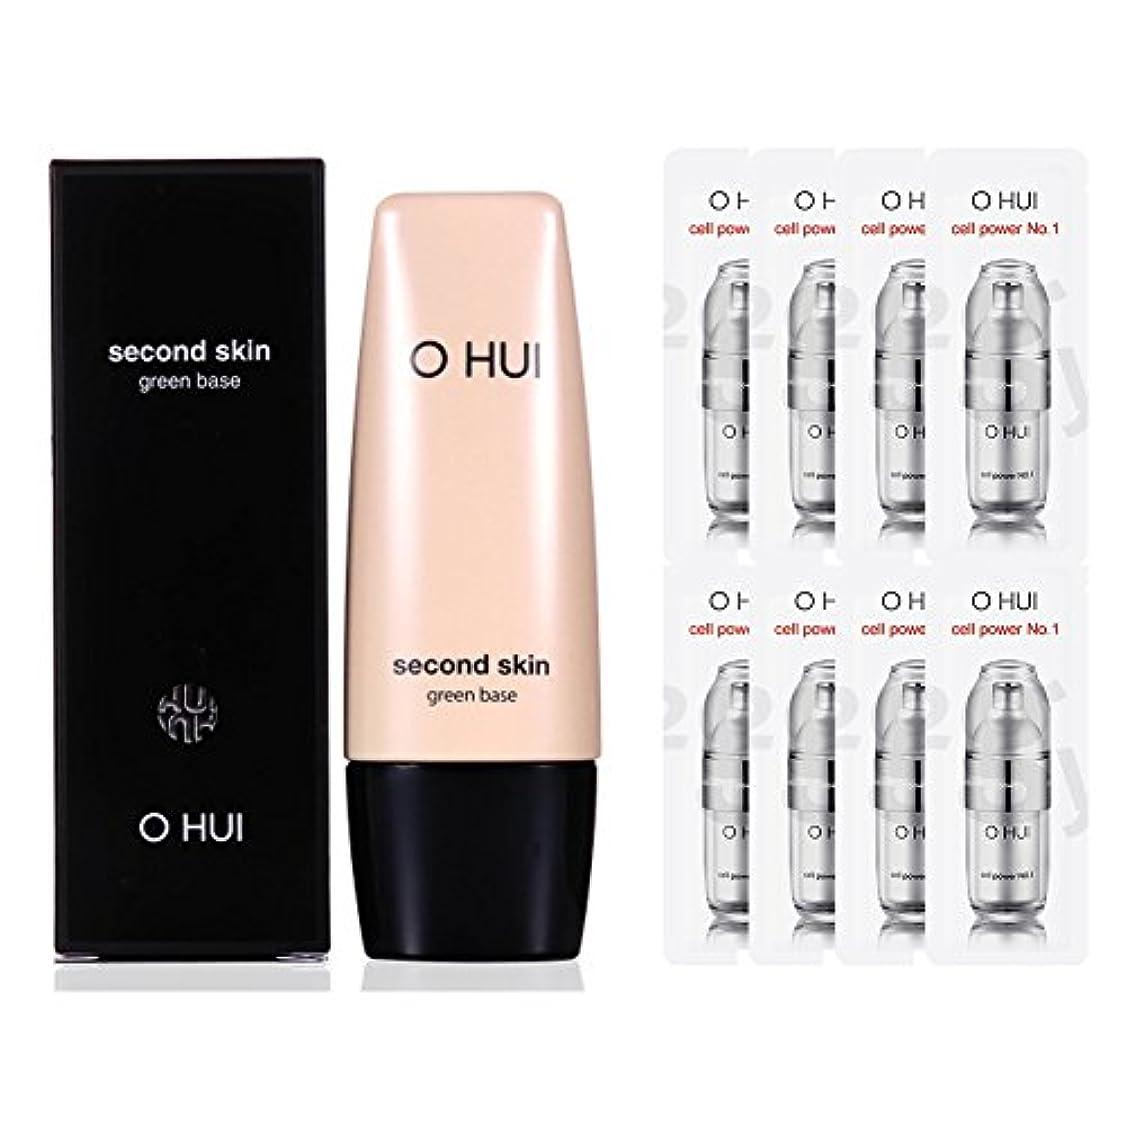 遅らせるスペース農民OHUI/オフィセカンドスキン グリーンベース (メイクアップベース) (OHUI SECOND SKIN GREEN BASE Makeup Base set) スポット [海外直送品]